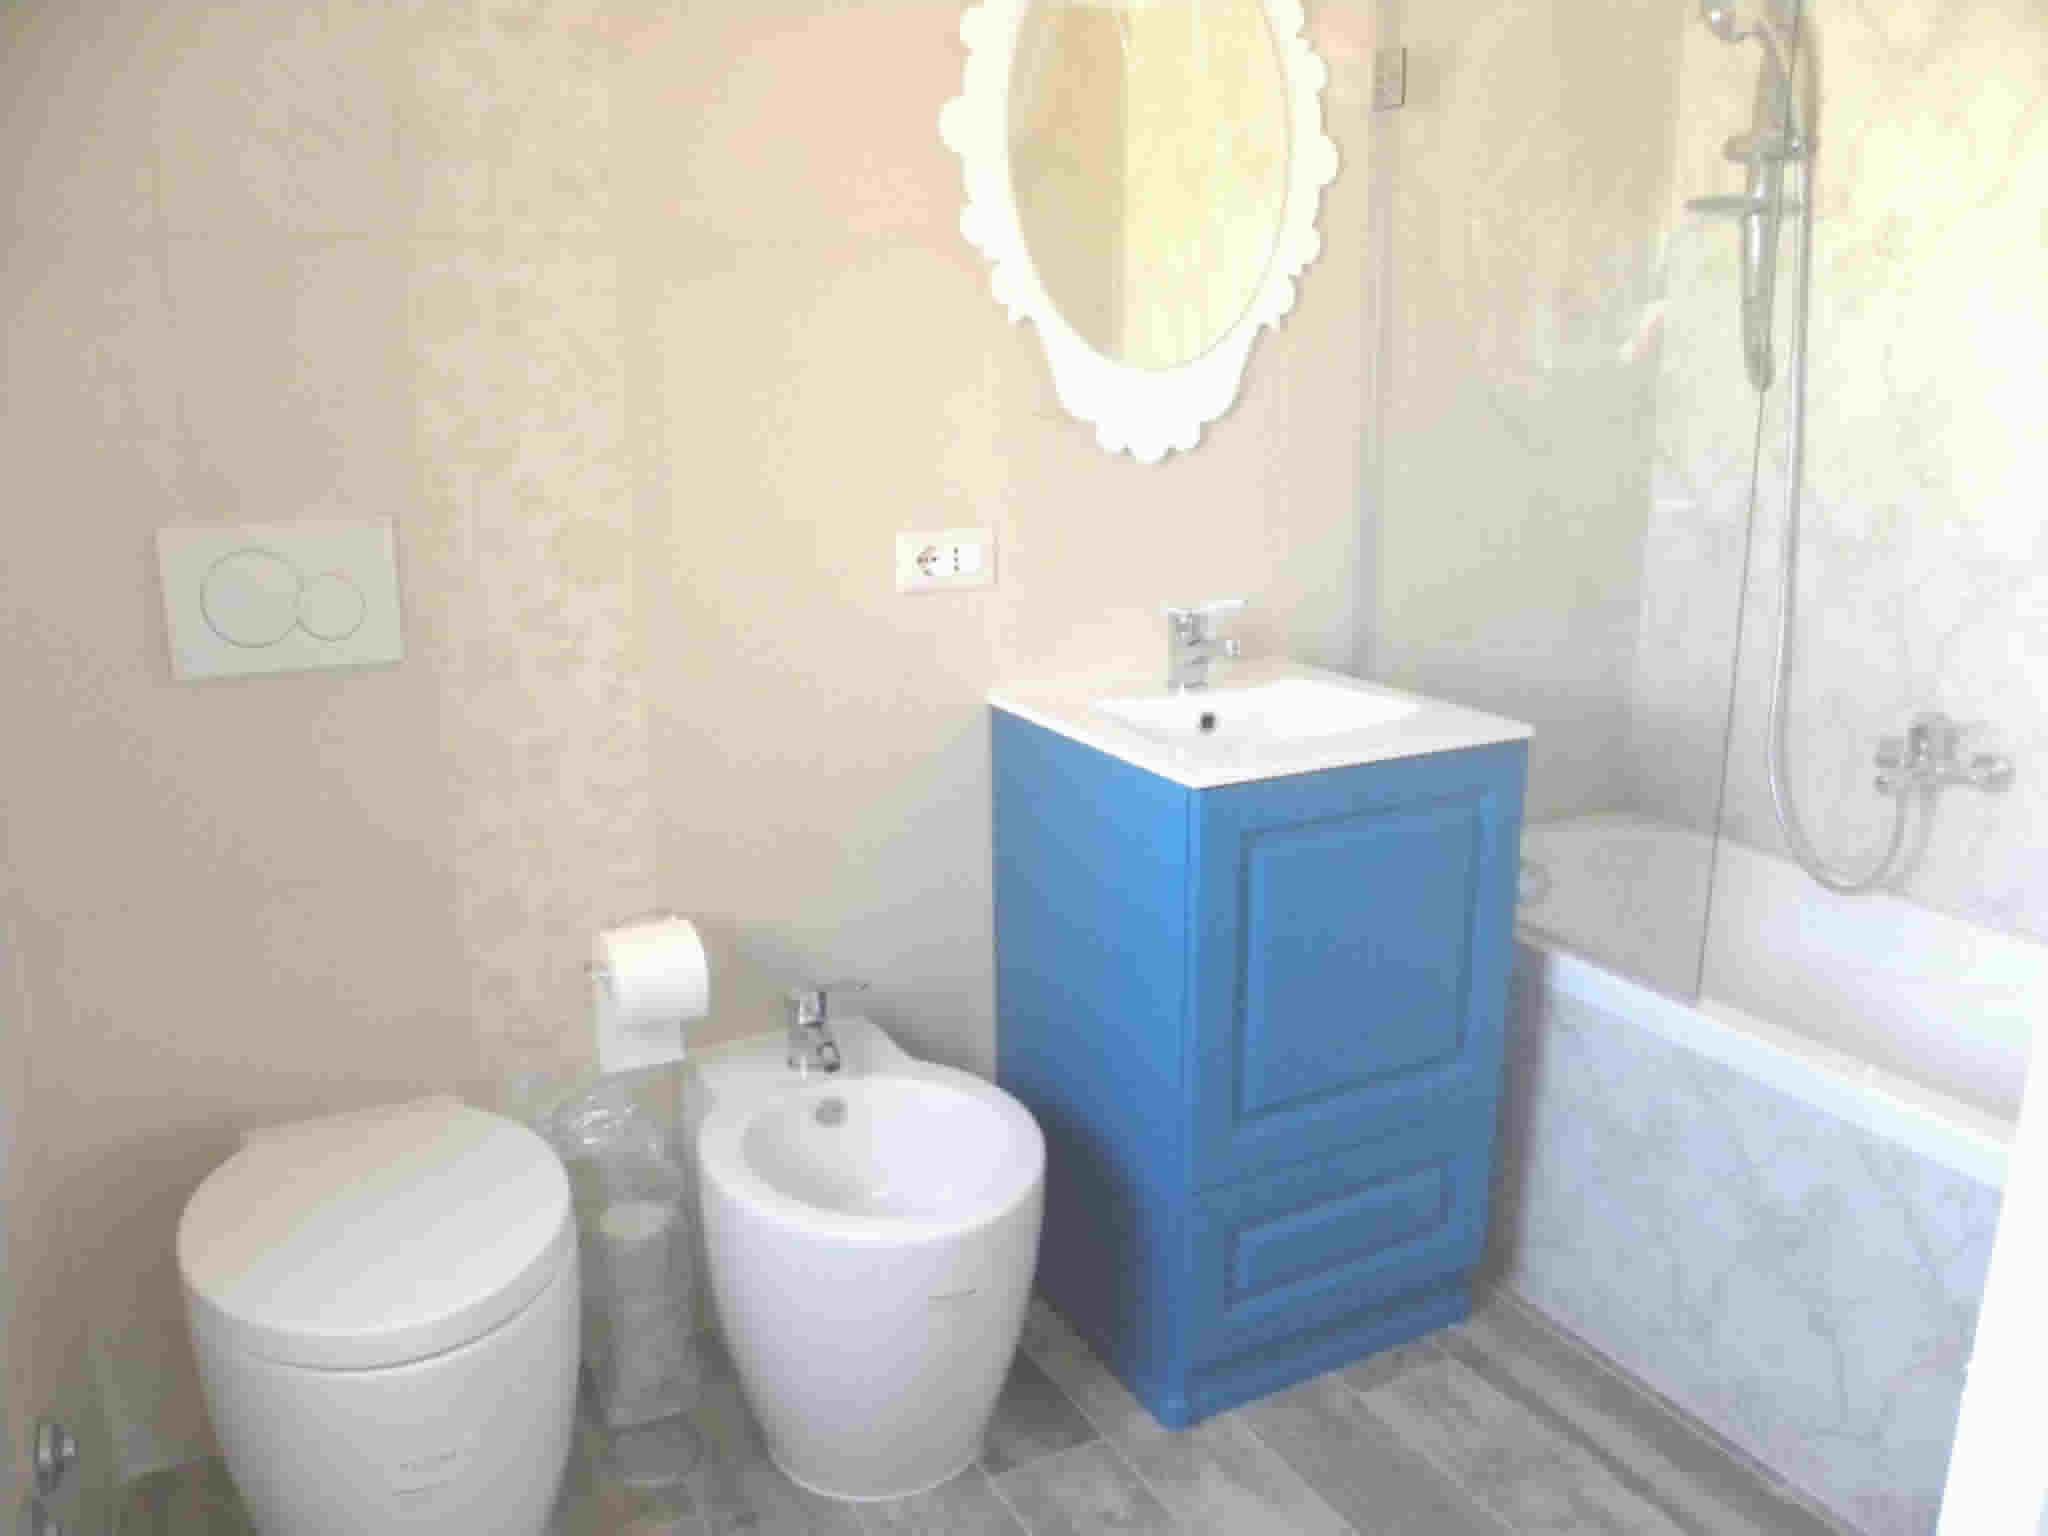 Quanto Costa Un Impianto Di Riscaldamento A Pavimento Al Mq quanto costa ristrutturare appartamento al mq roma?